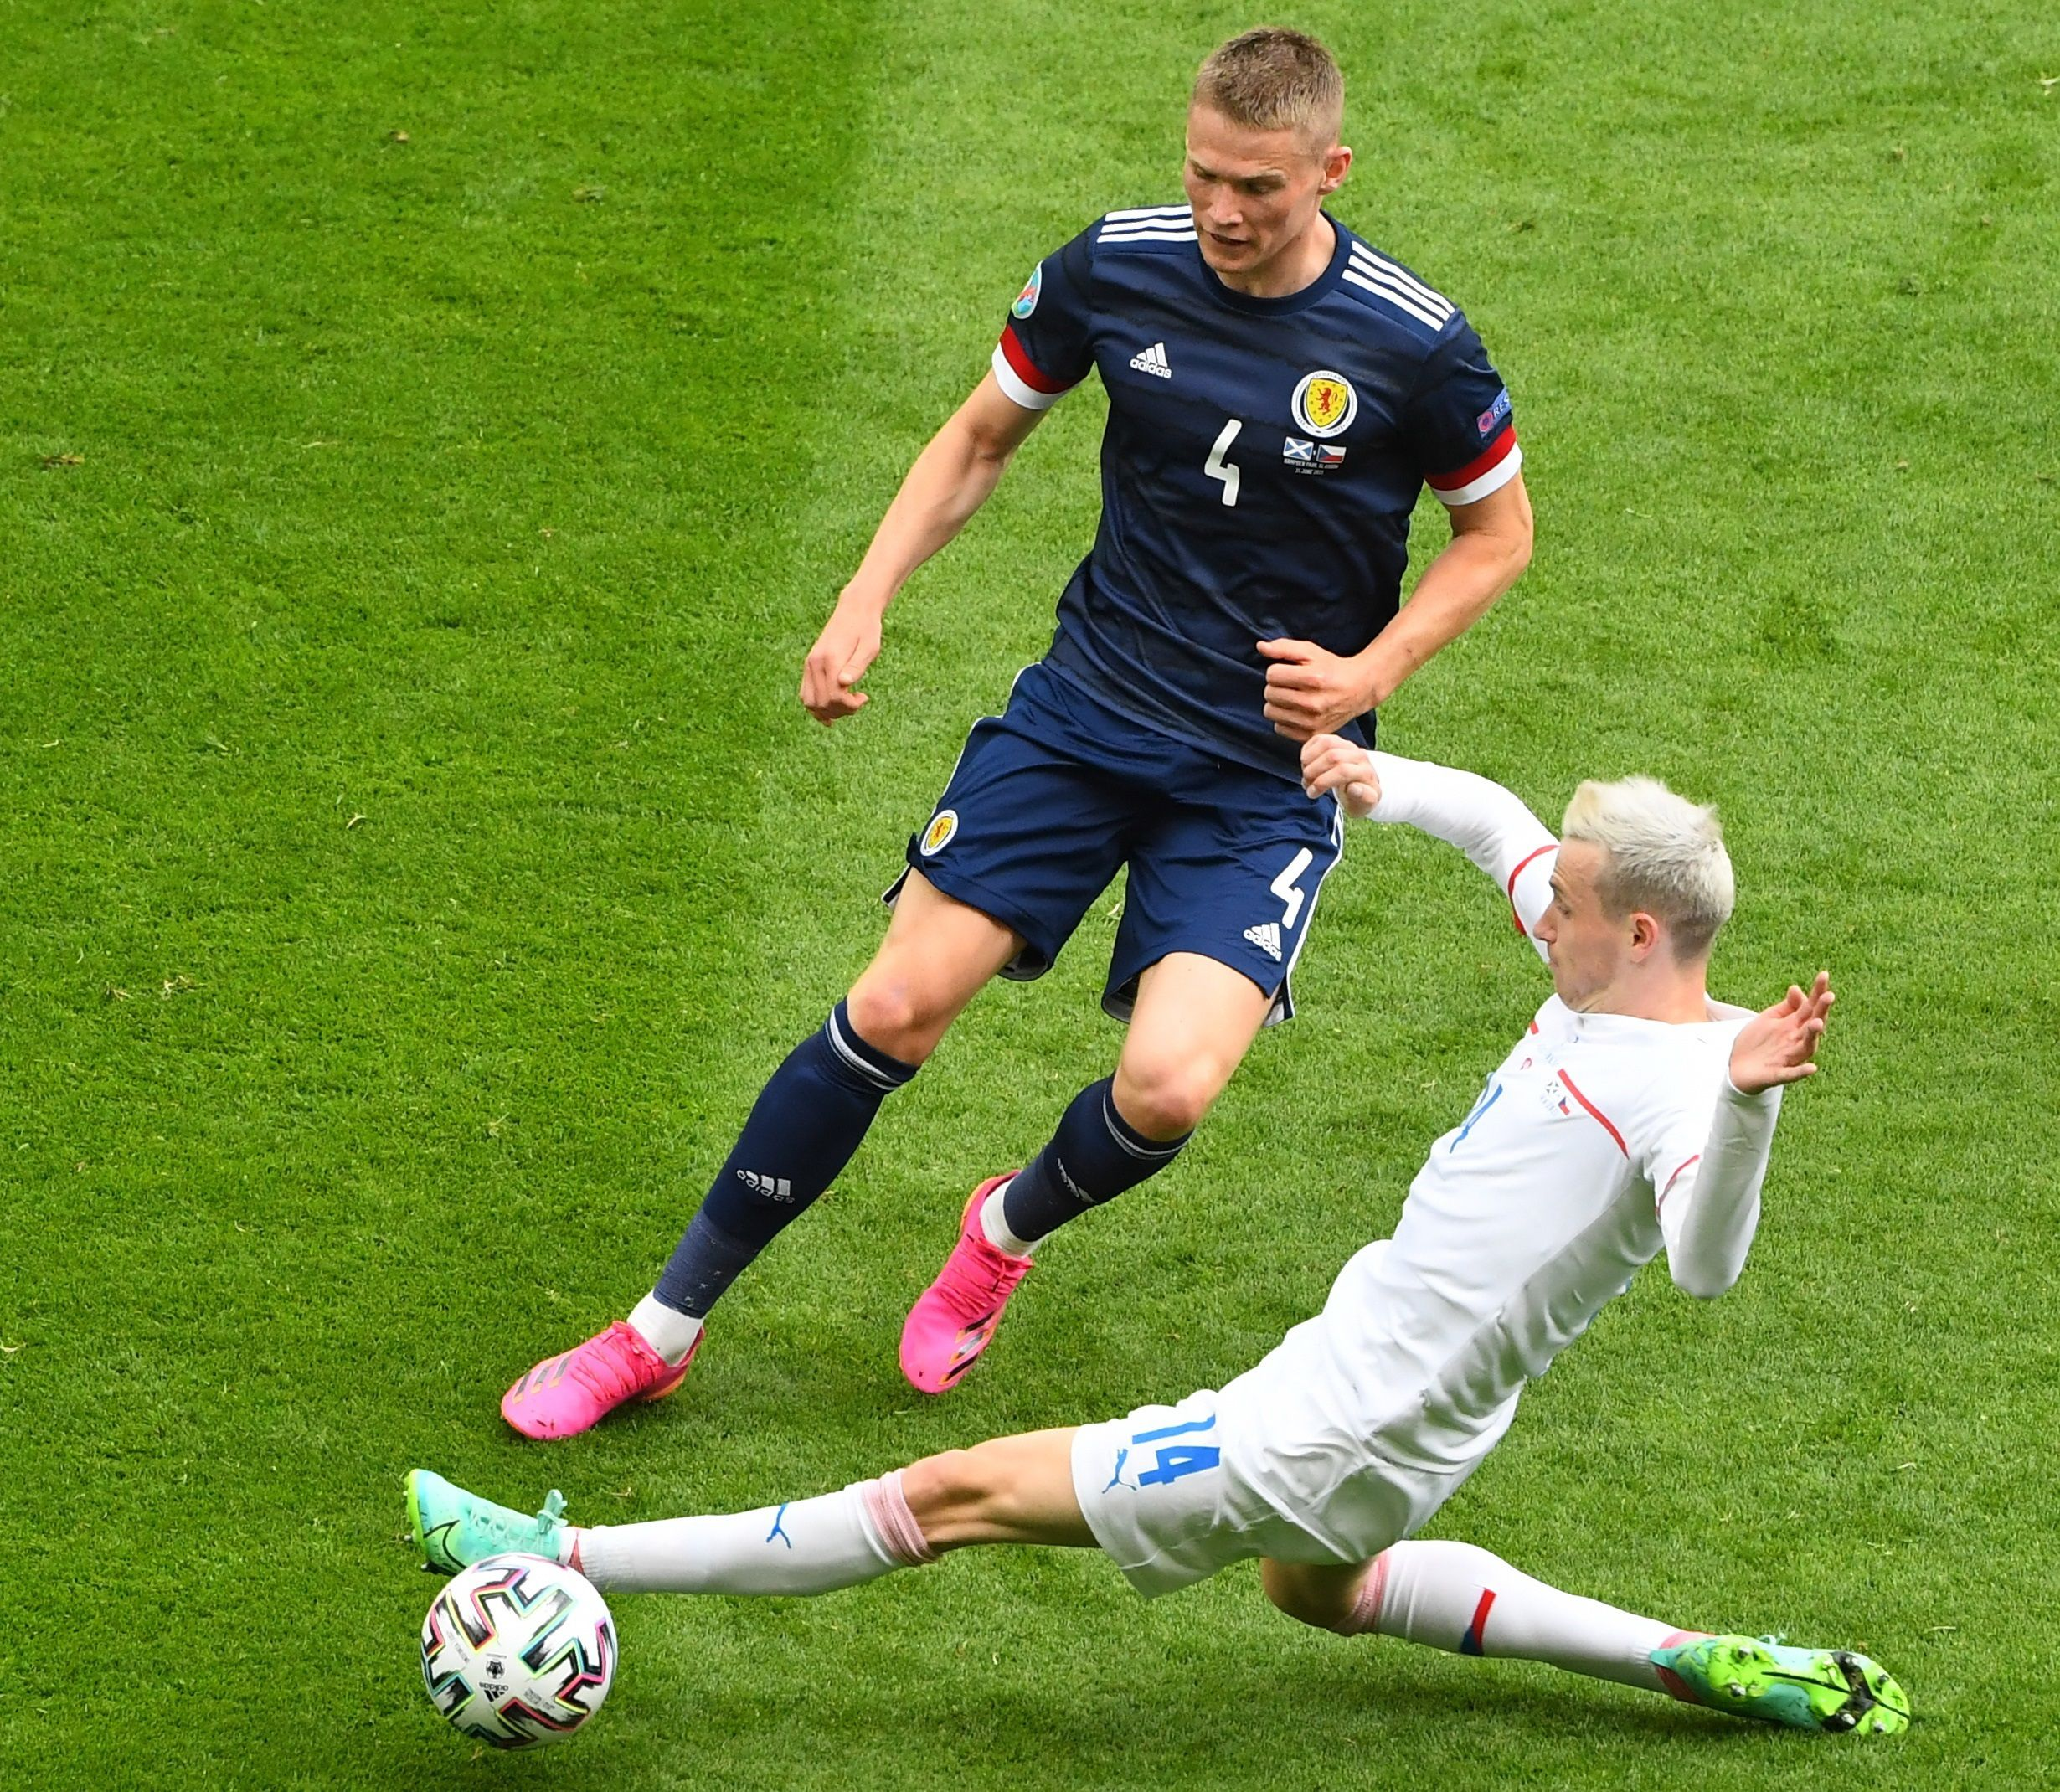 un-futbolista-de-la-eurocopa-critico-a-cristiano-ronaldo-por-correr-de-lugar-las-botellas-de-coca-cola